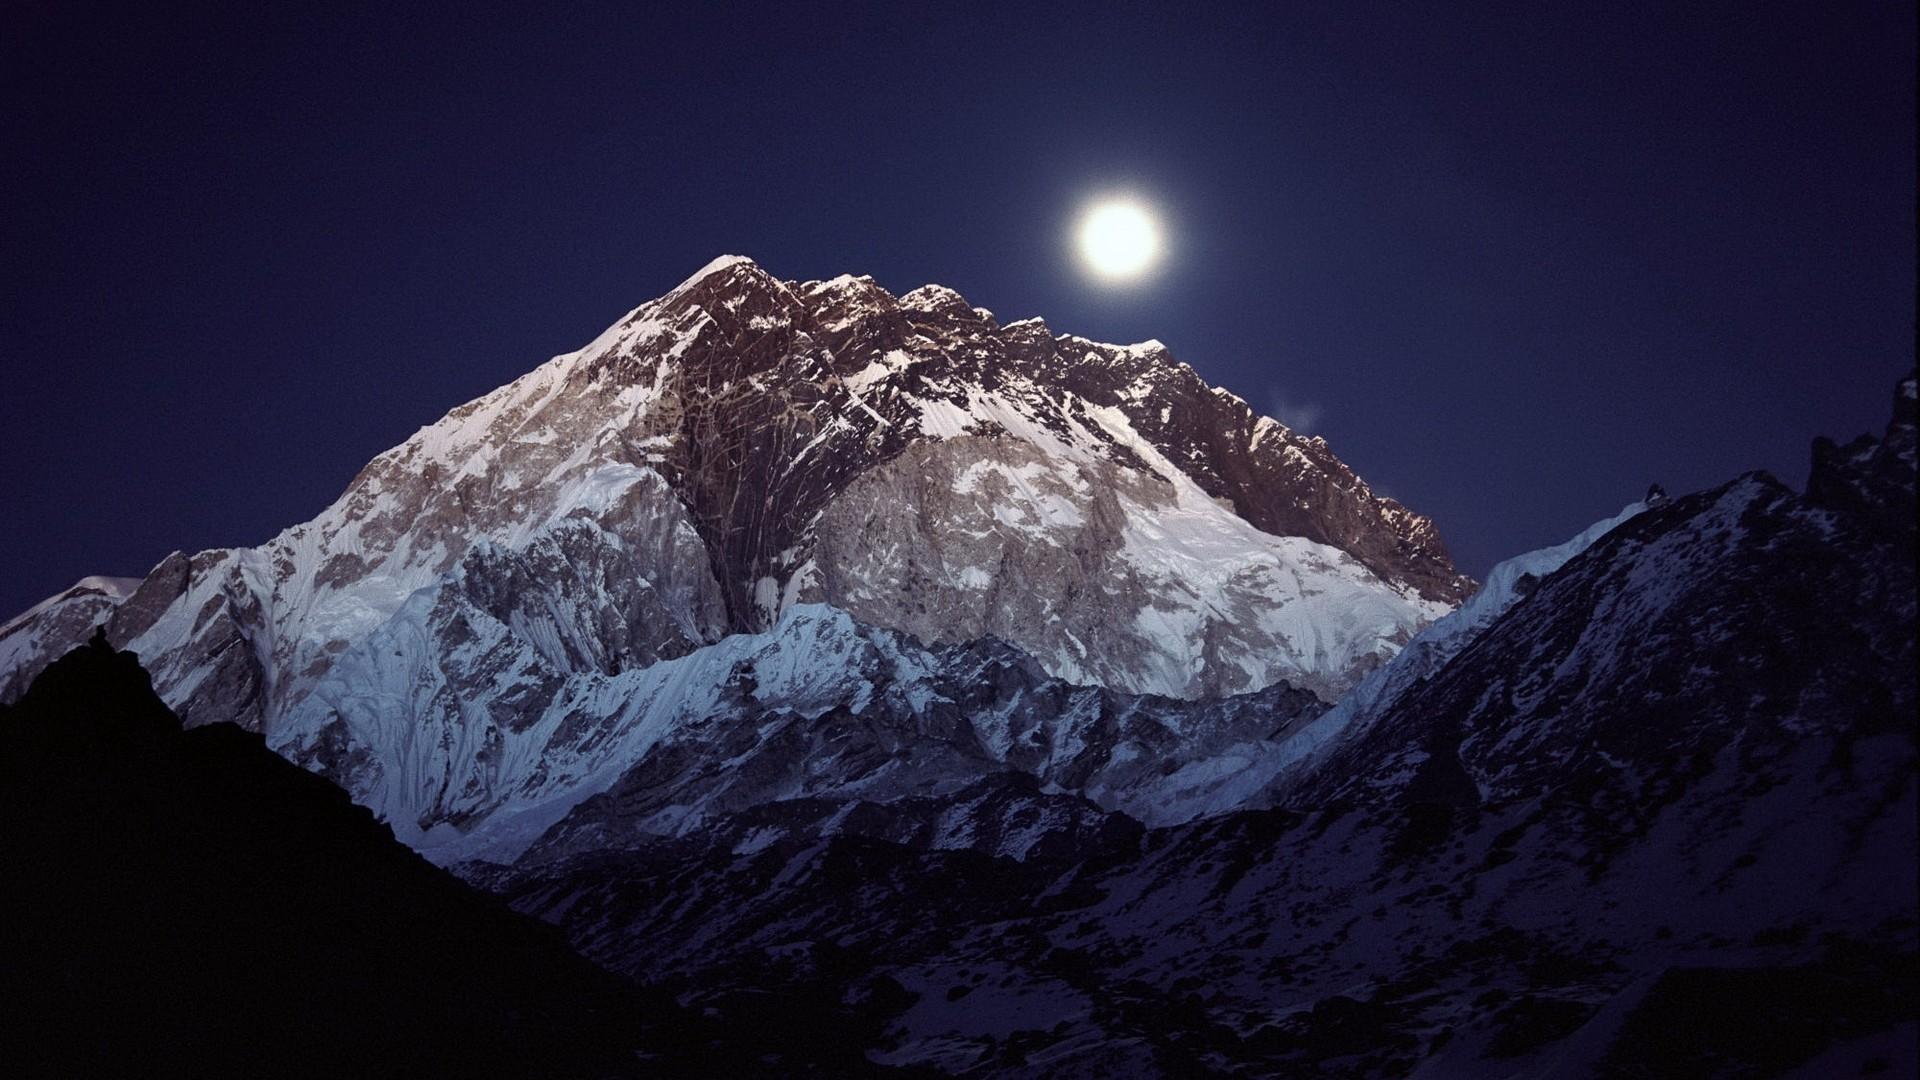 Everest wallpaper for desktop